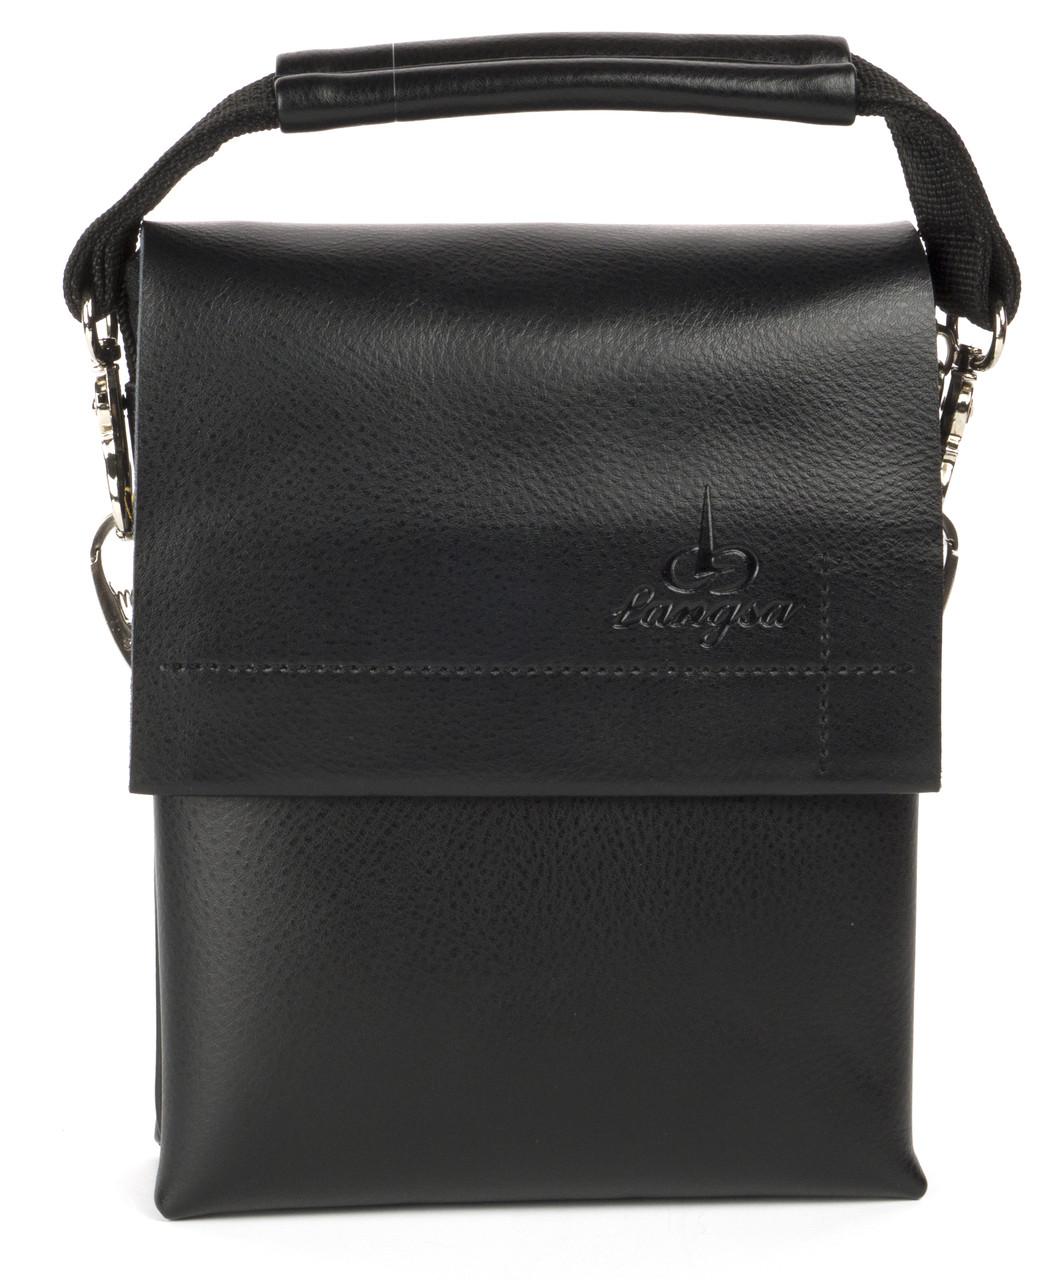 Удобная мужская стильная сумка Langsa art. 9888-0 черный